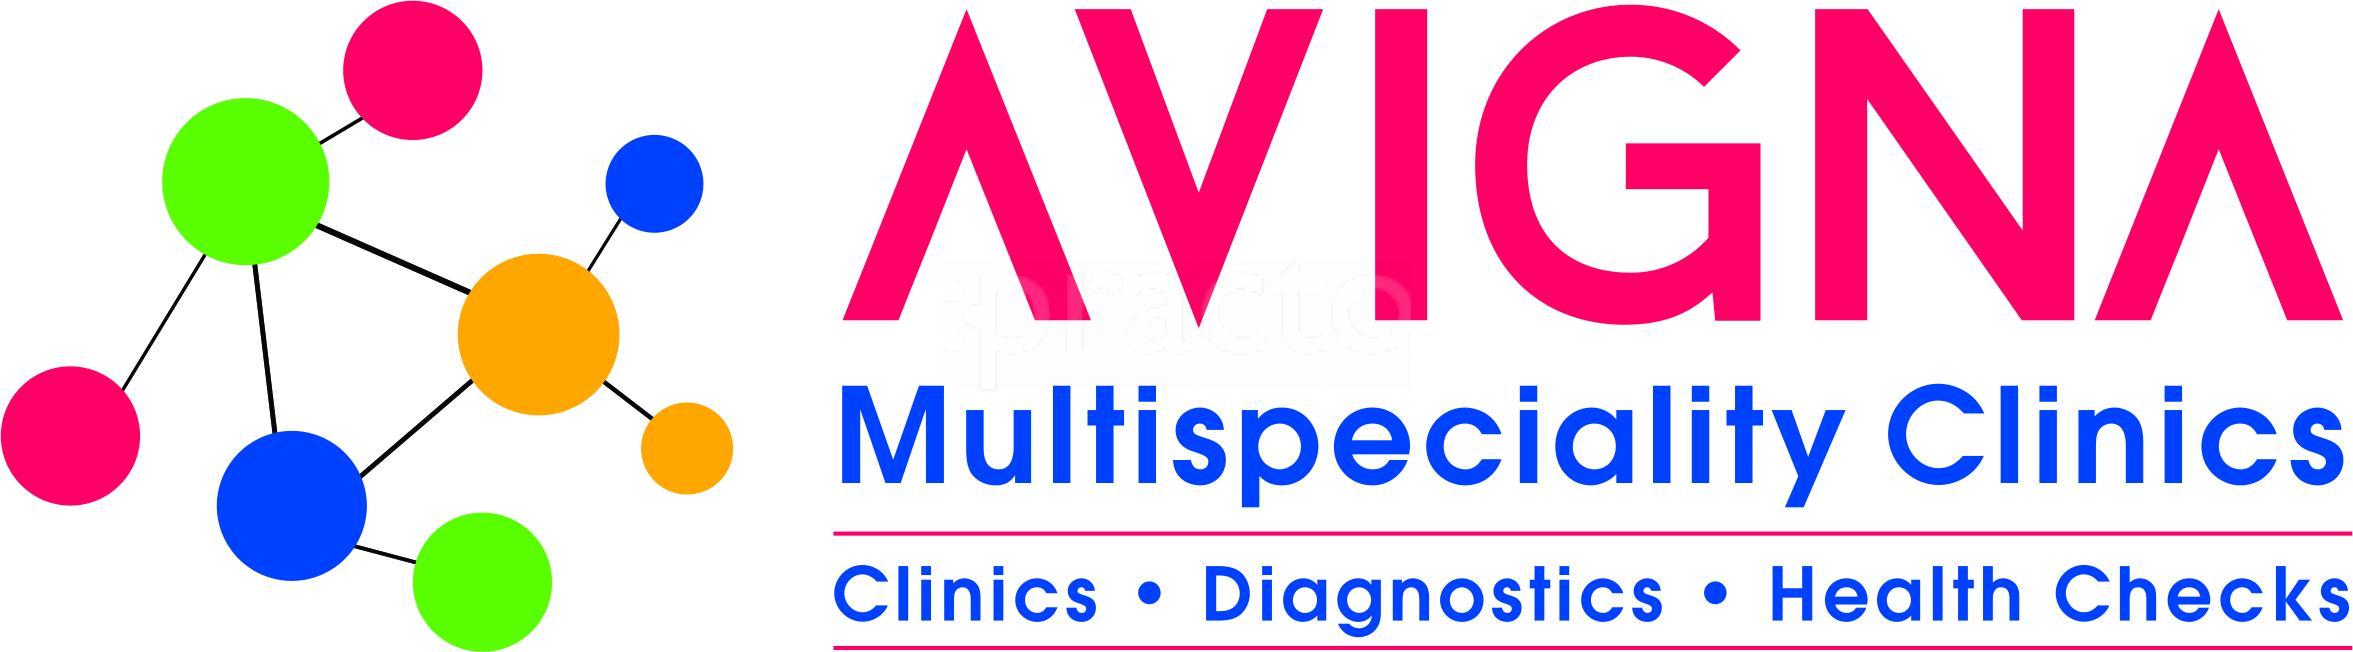 Ankura Multispeciality Clinics